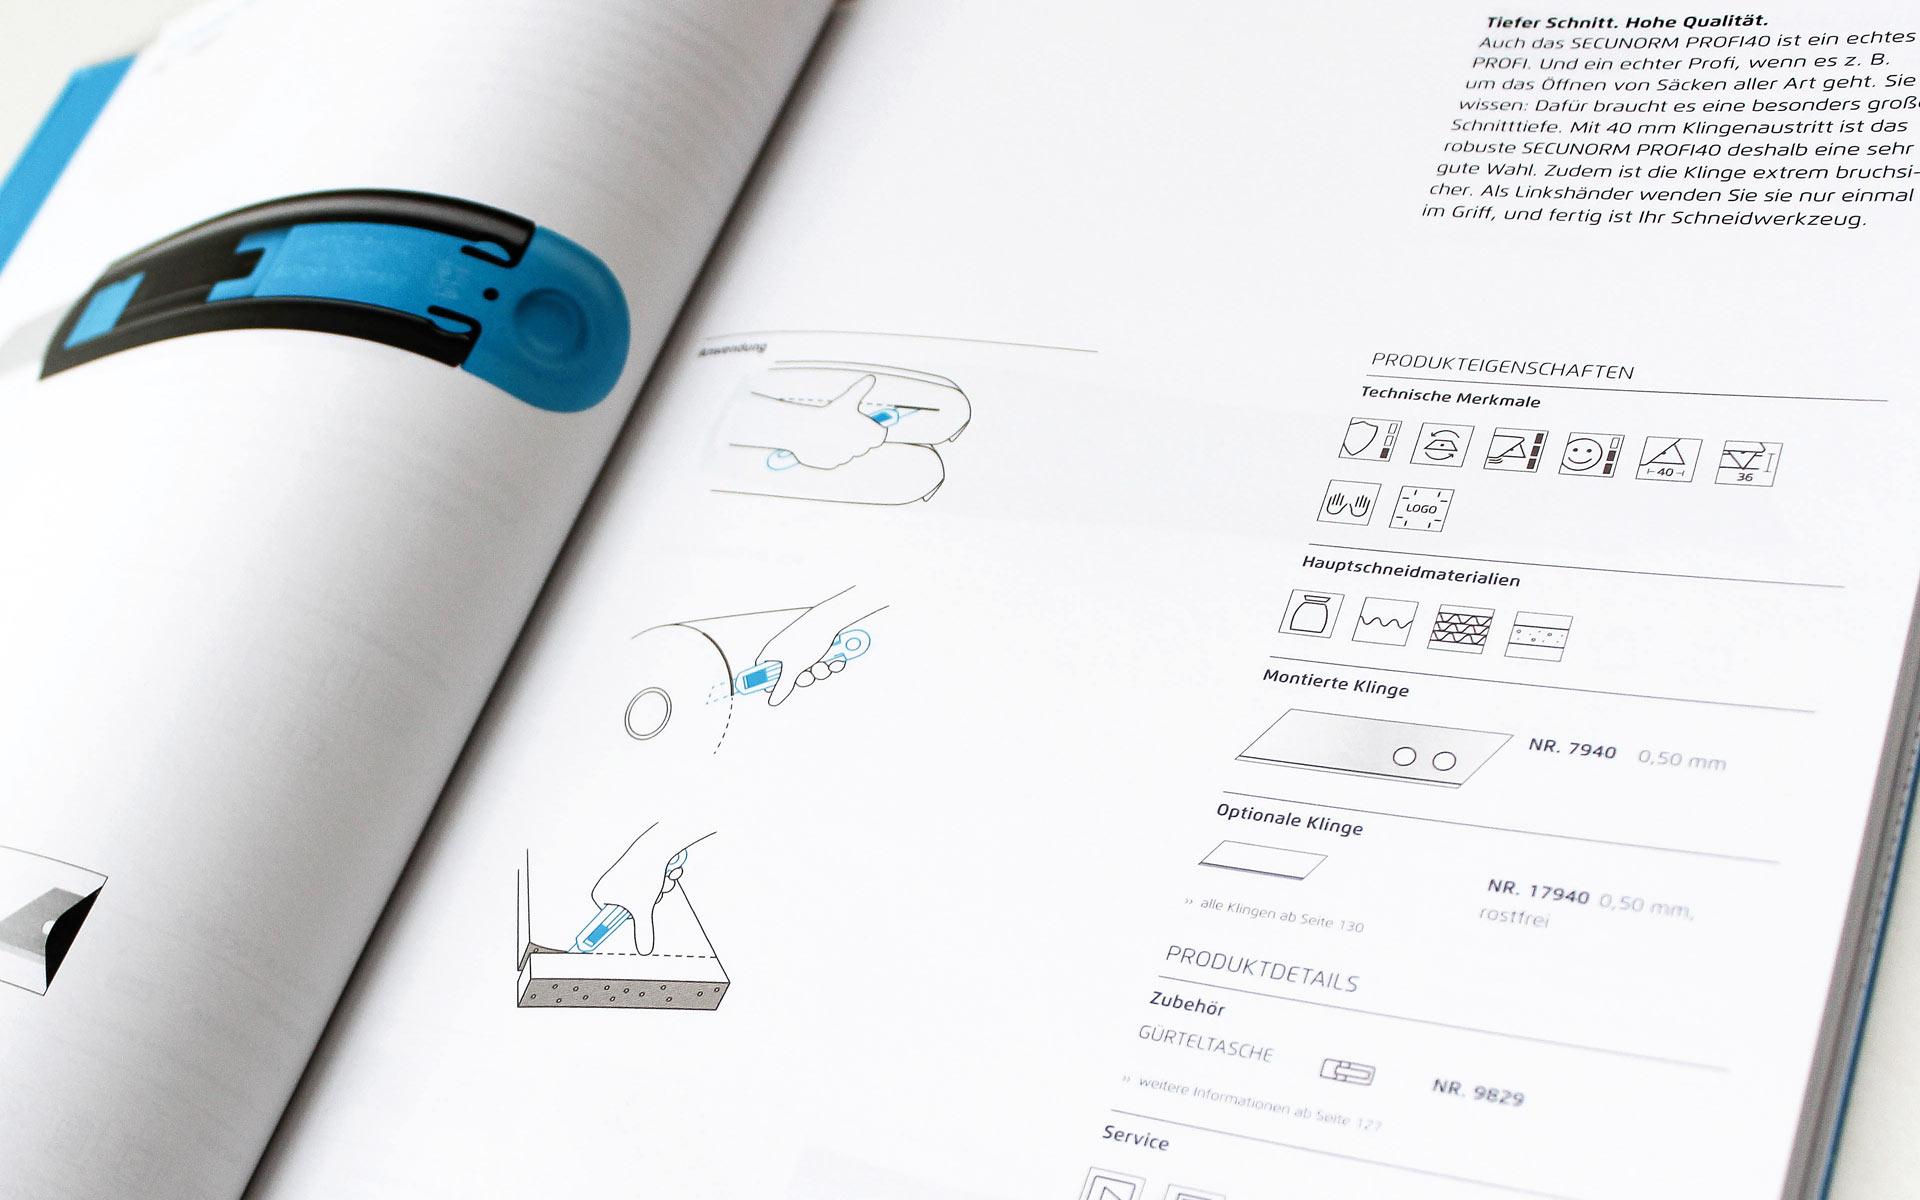 MARTOR Broschürenkonzept, Sicherheitsmesser Katalog, Produktseite Anwendungsillustrationen